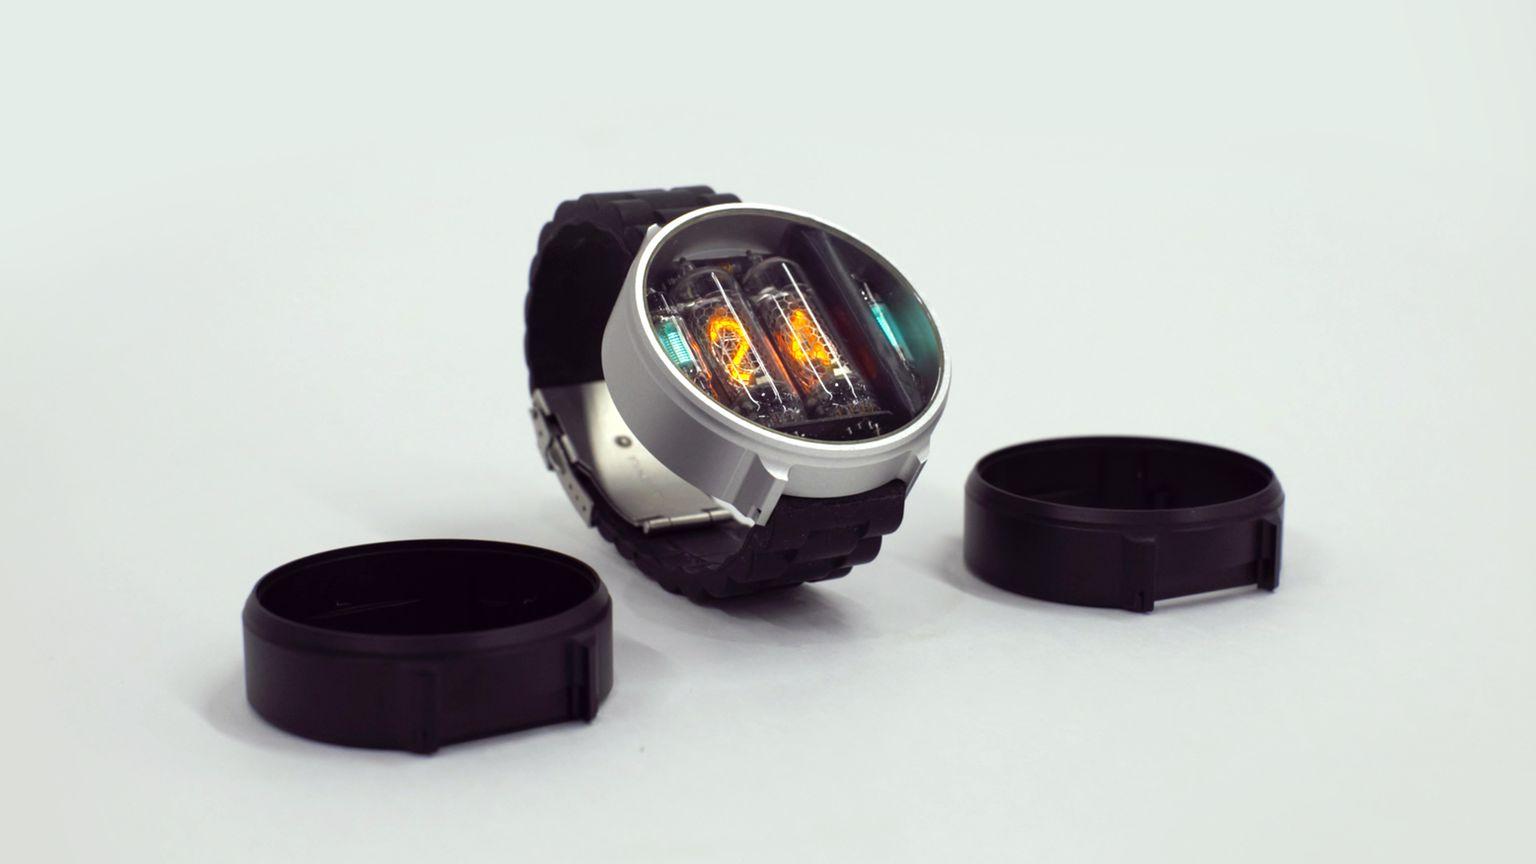 Klokka kommer i sort og metallfarget utførelse.